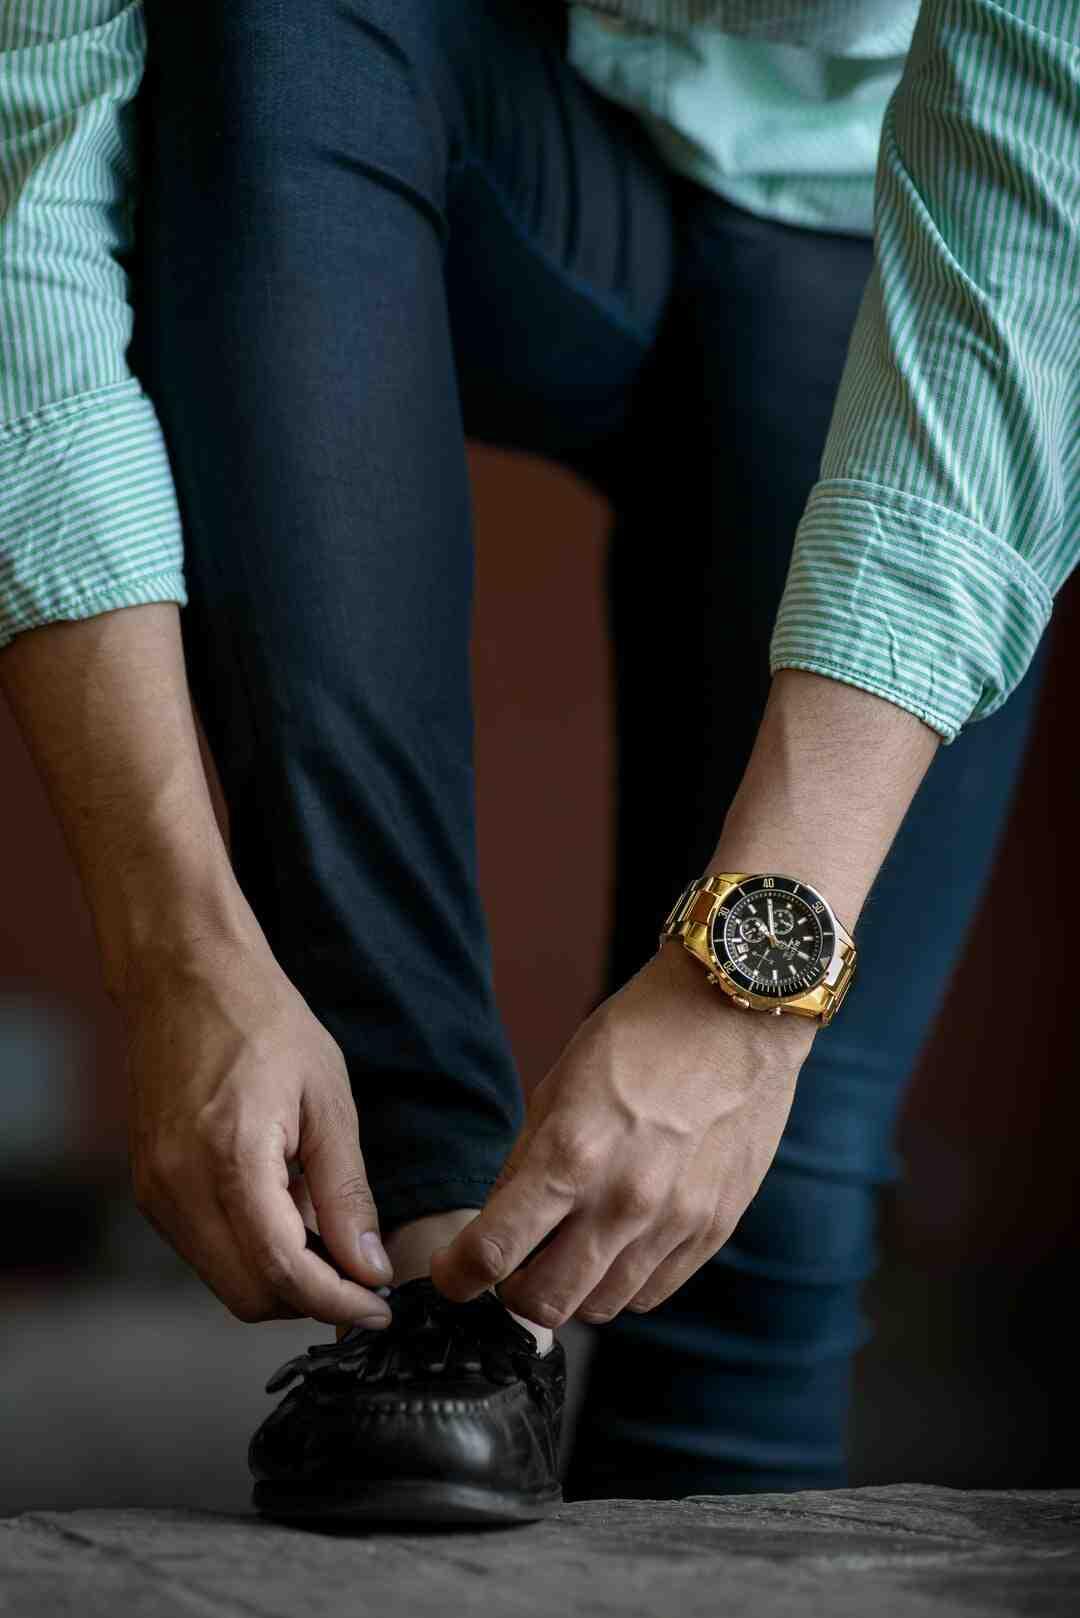 Mode d'emploi smart watch